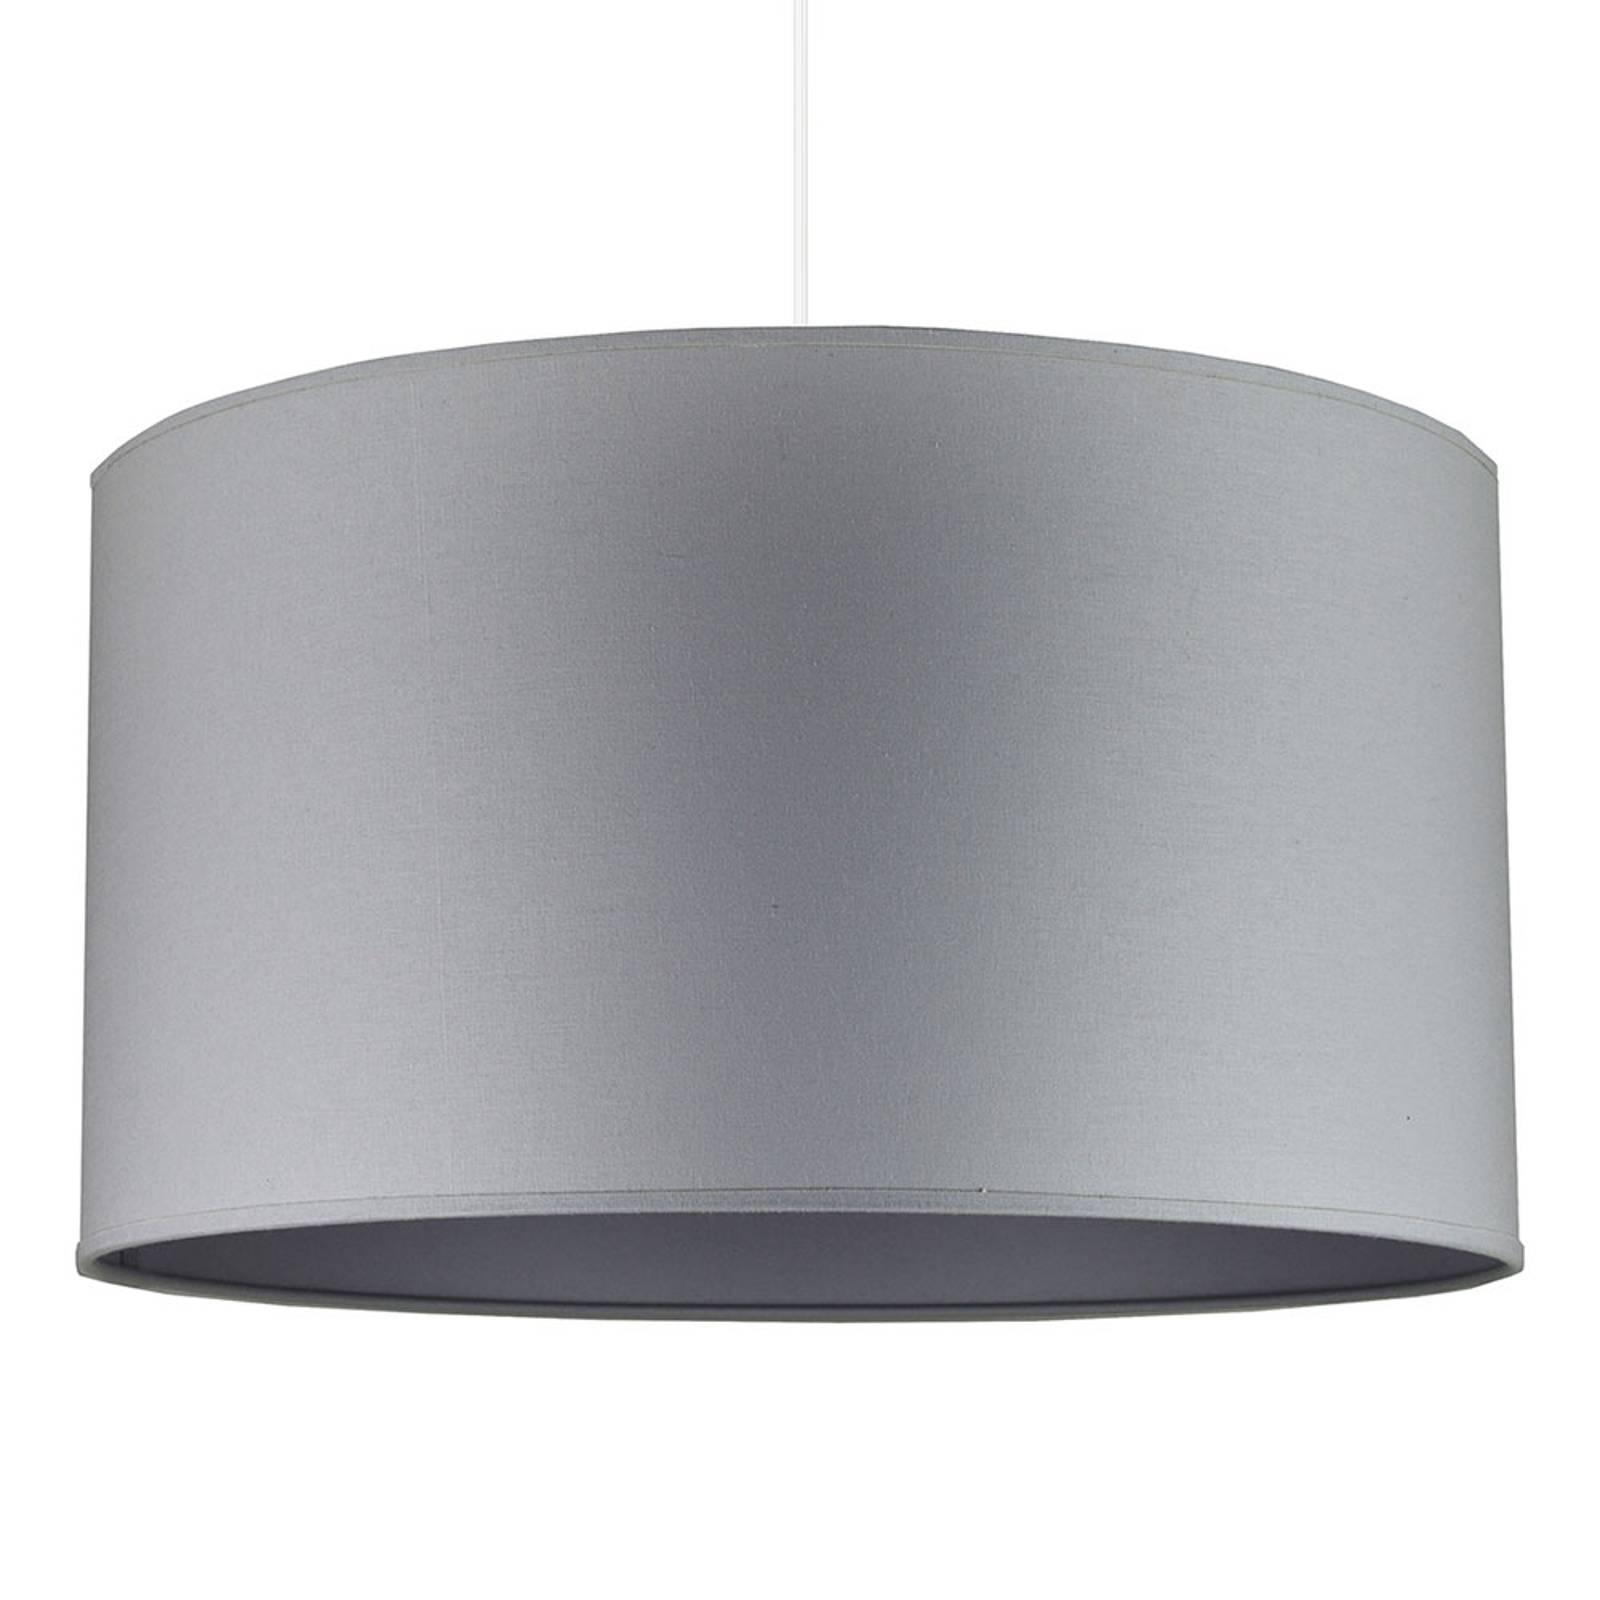 Hanglamp Roller, grijs